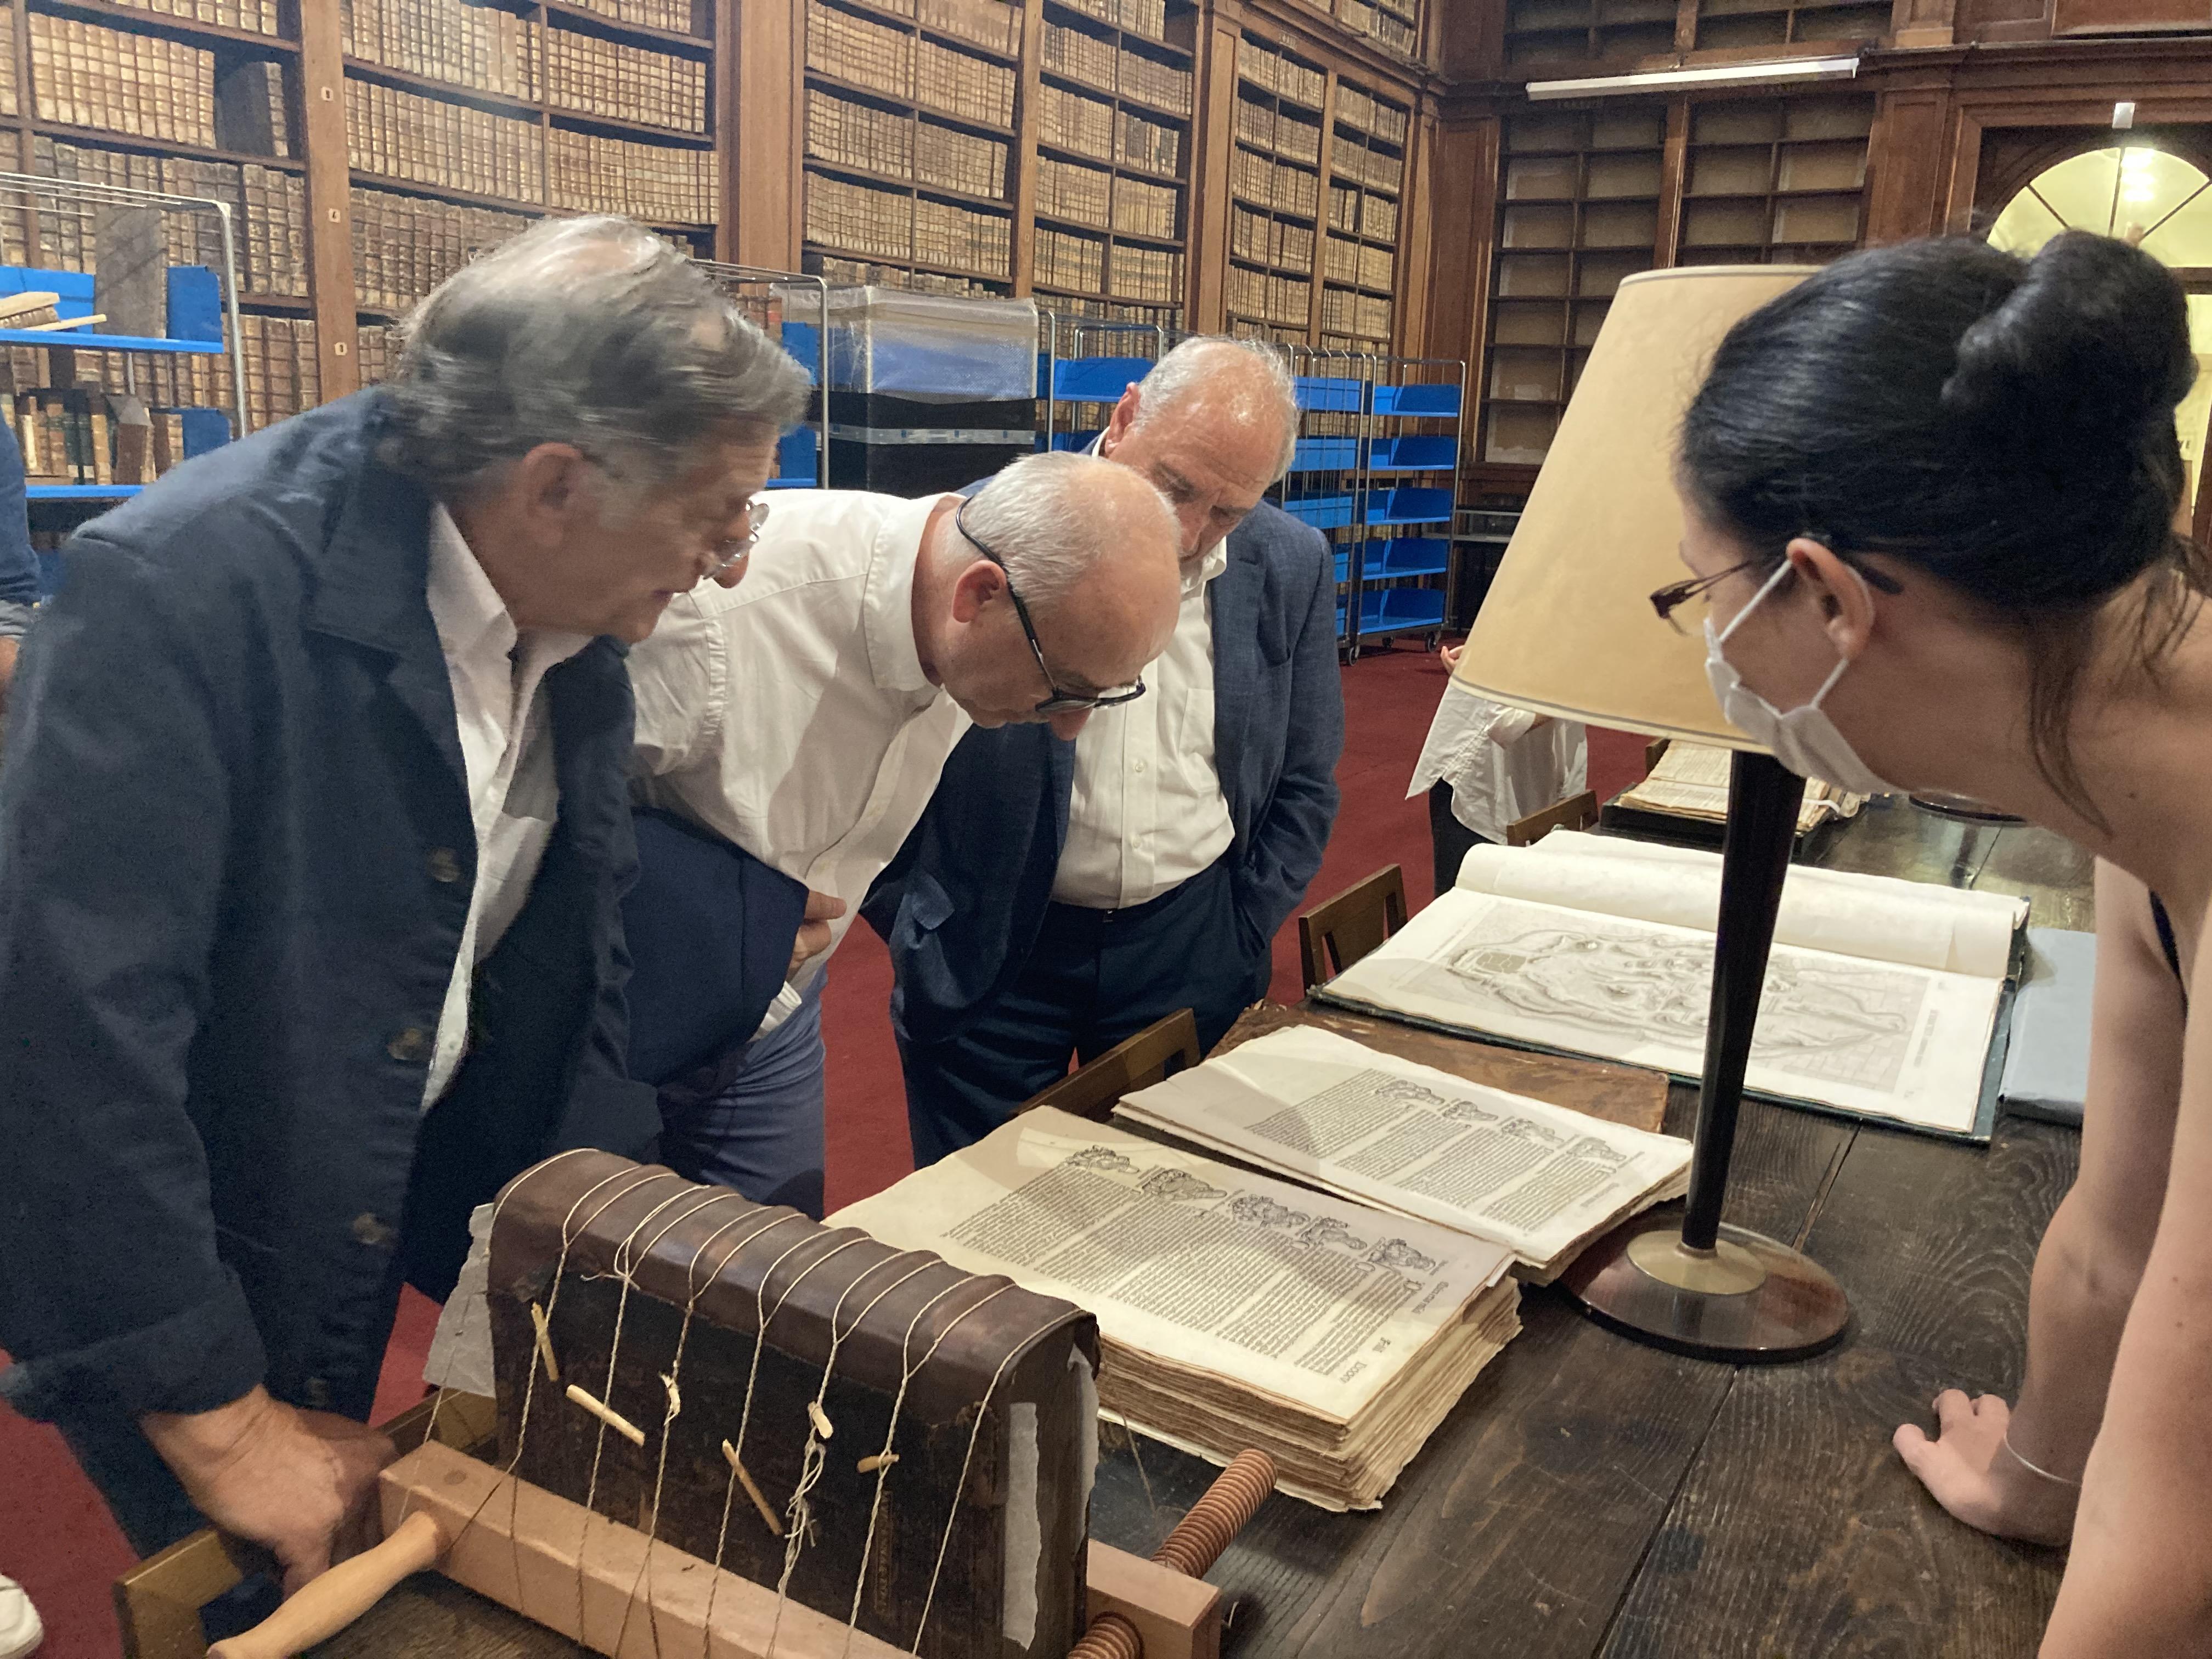 Les chefs d'entreprise insulaires découvrent l'ouvrage à restaurer, La Chronique de Nuremberg. Photo : Julia Sereni